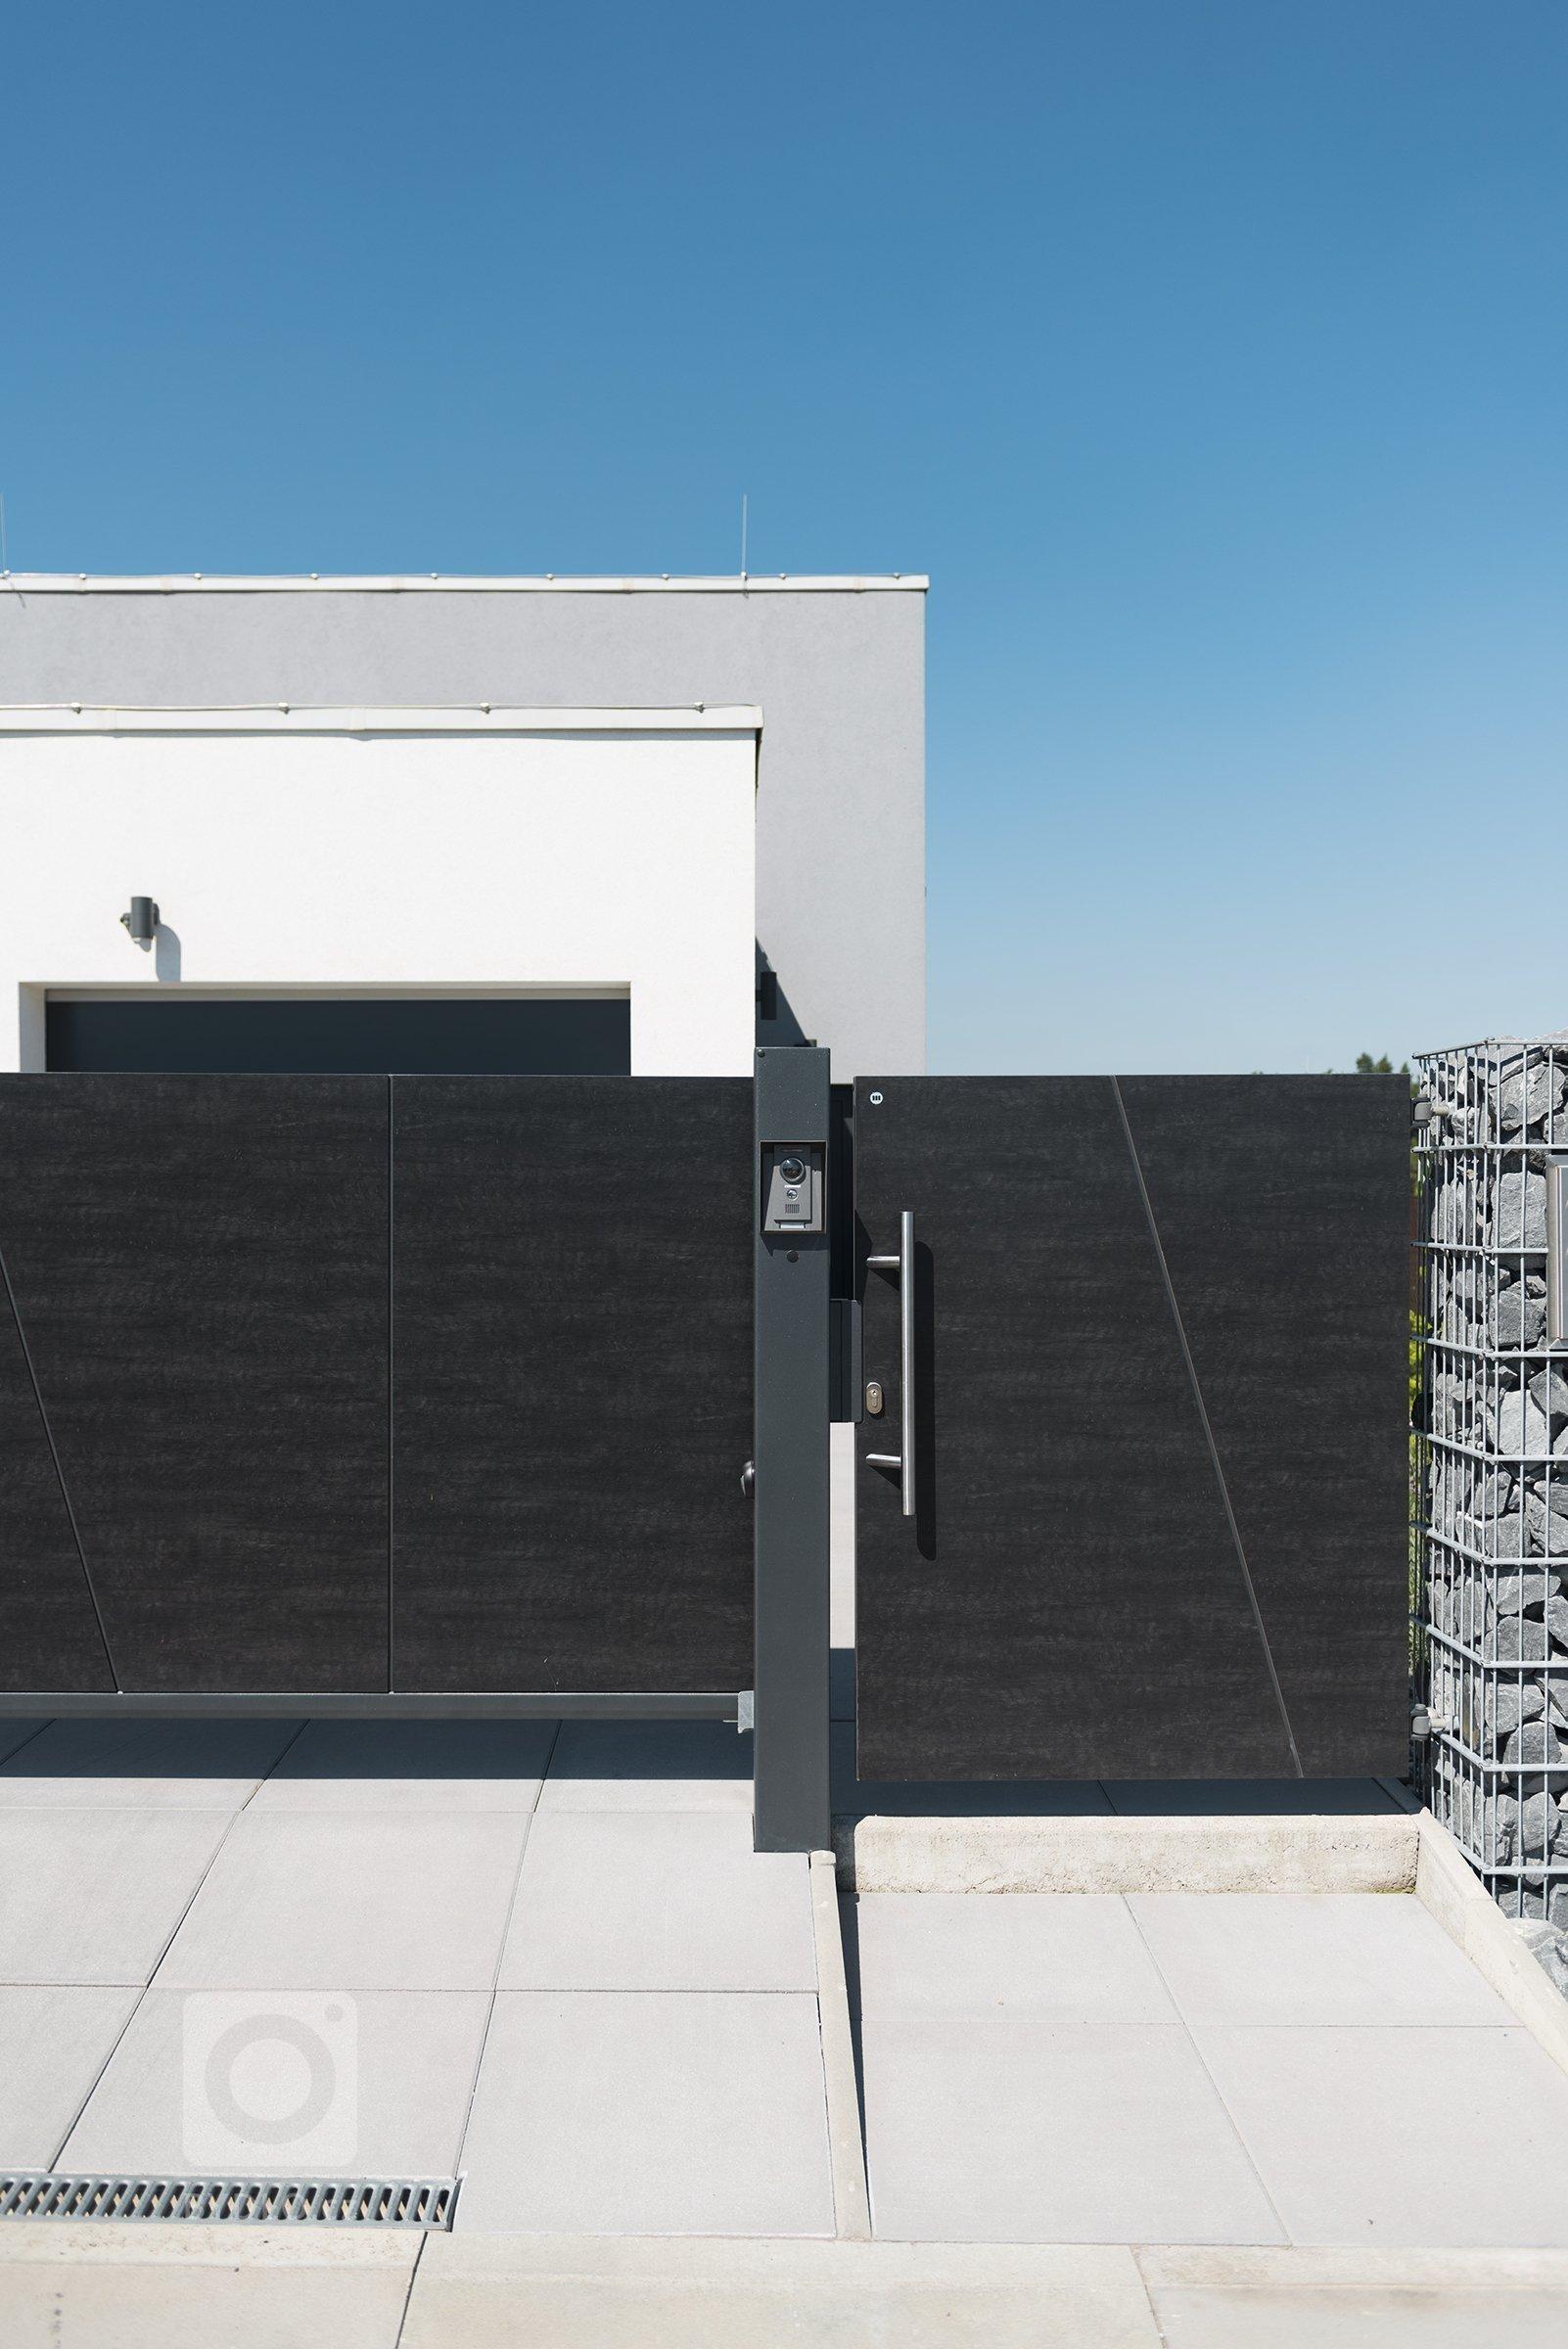 Gabionový plot Rock, brána a branka Full (rodinný dům, Ostrava).  Plná plocha vašeho plotu garantuje vysokoumíru soukromí. Navíc, ploty či brány…